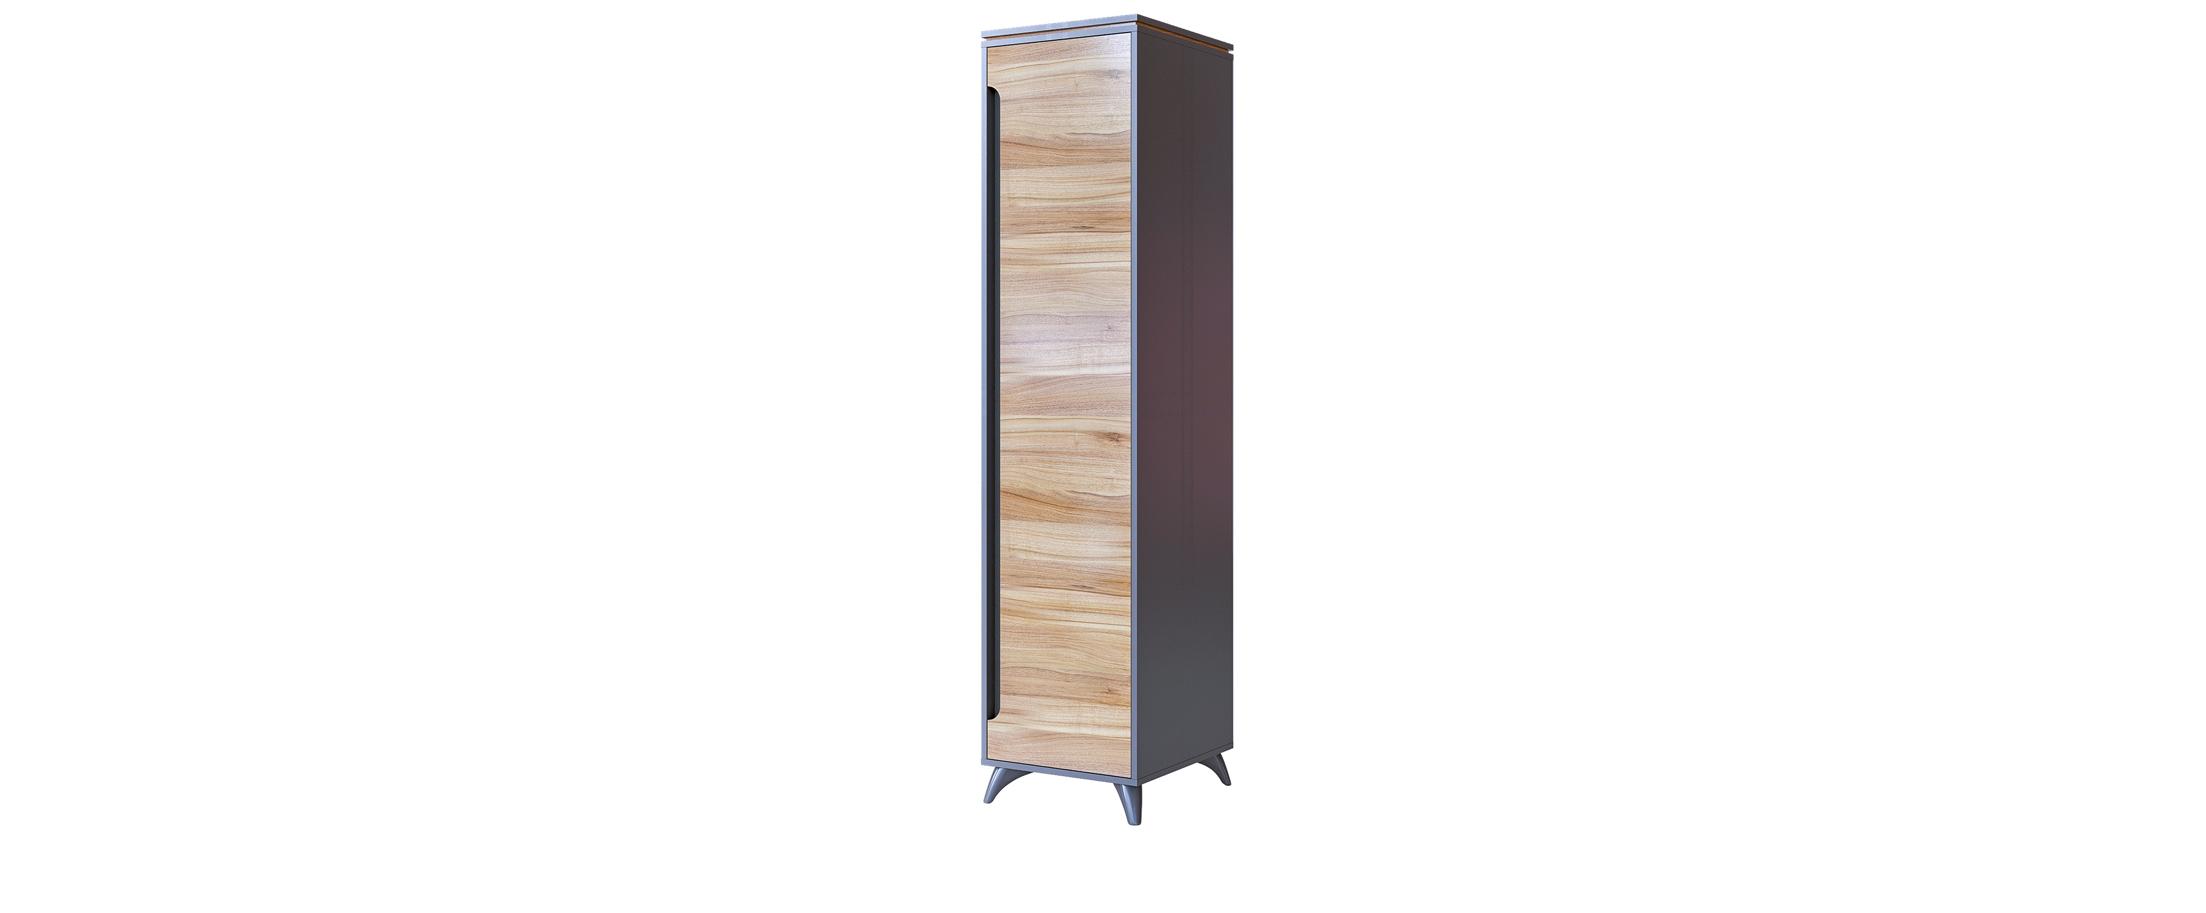 Шкаф Сканди 1-дверный Модель 520